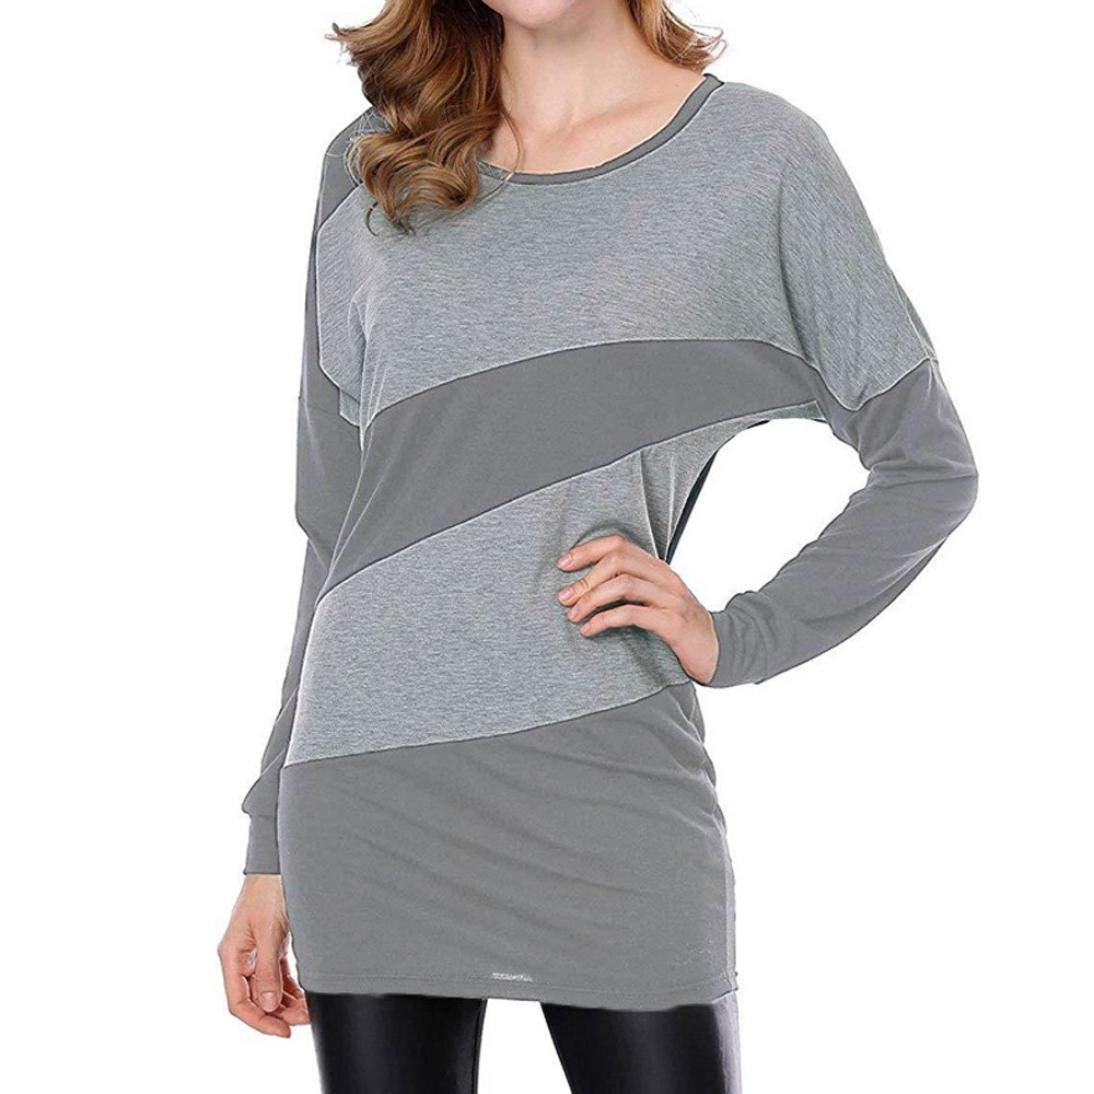 Bestow Contraste de Cuello Redondo para Mujer Oto?o Casual Manga Larga con Paneles largas Camisetas Tops Blusa: Amazon.es: Ropa y accesorios